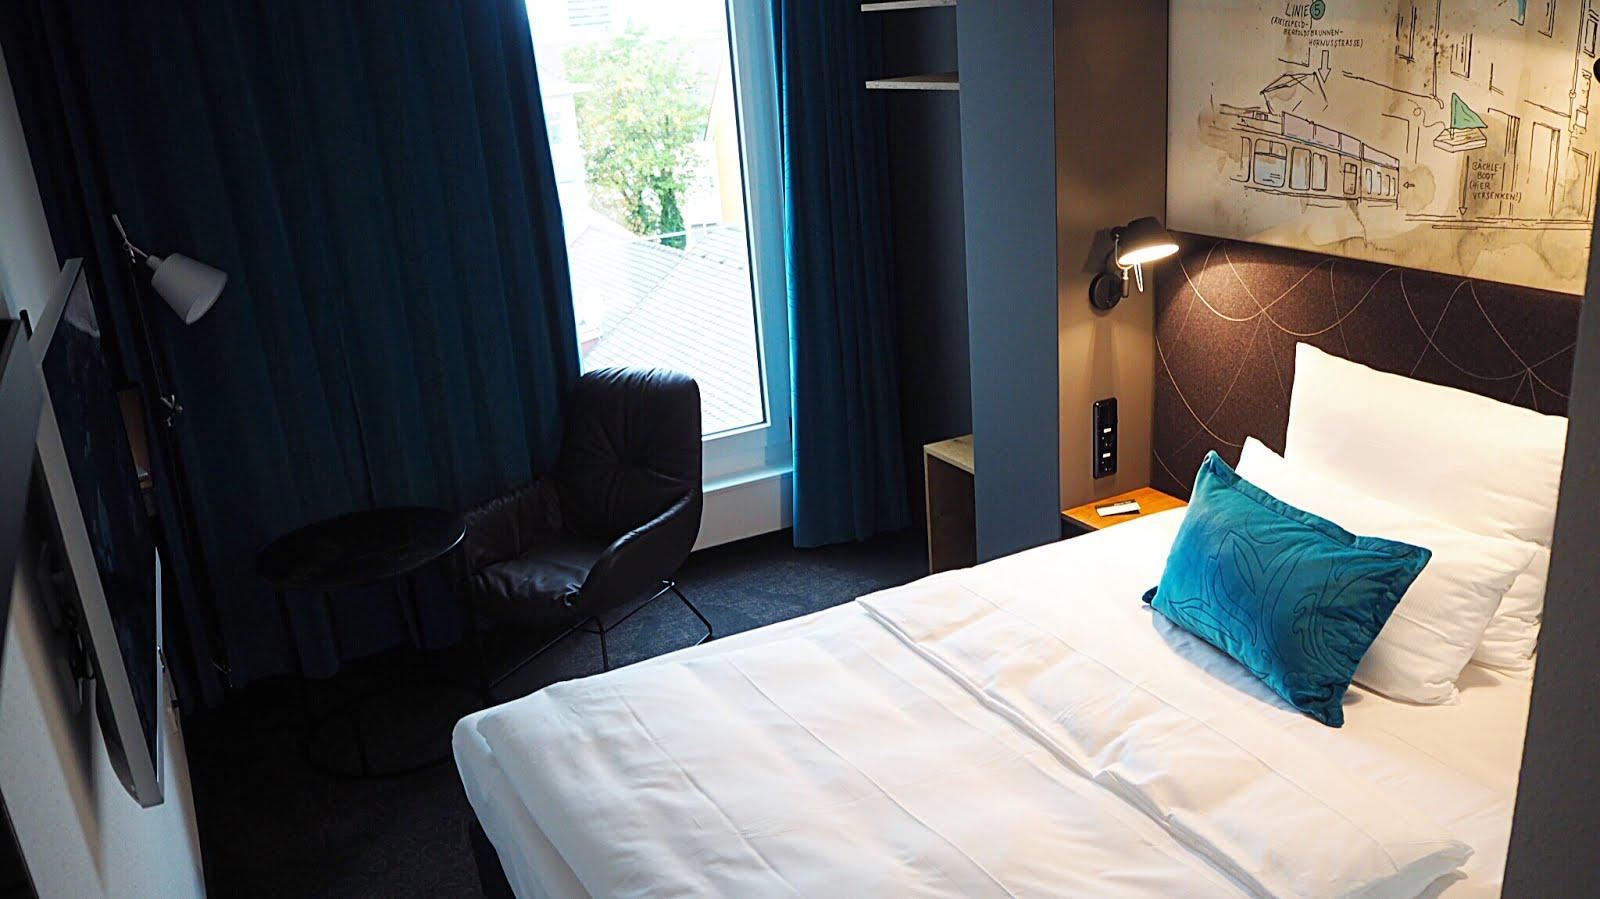 Erstbezug im Motel One in Freiburg